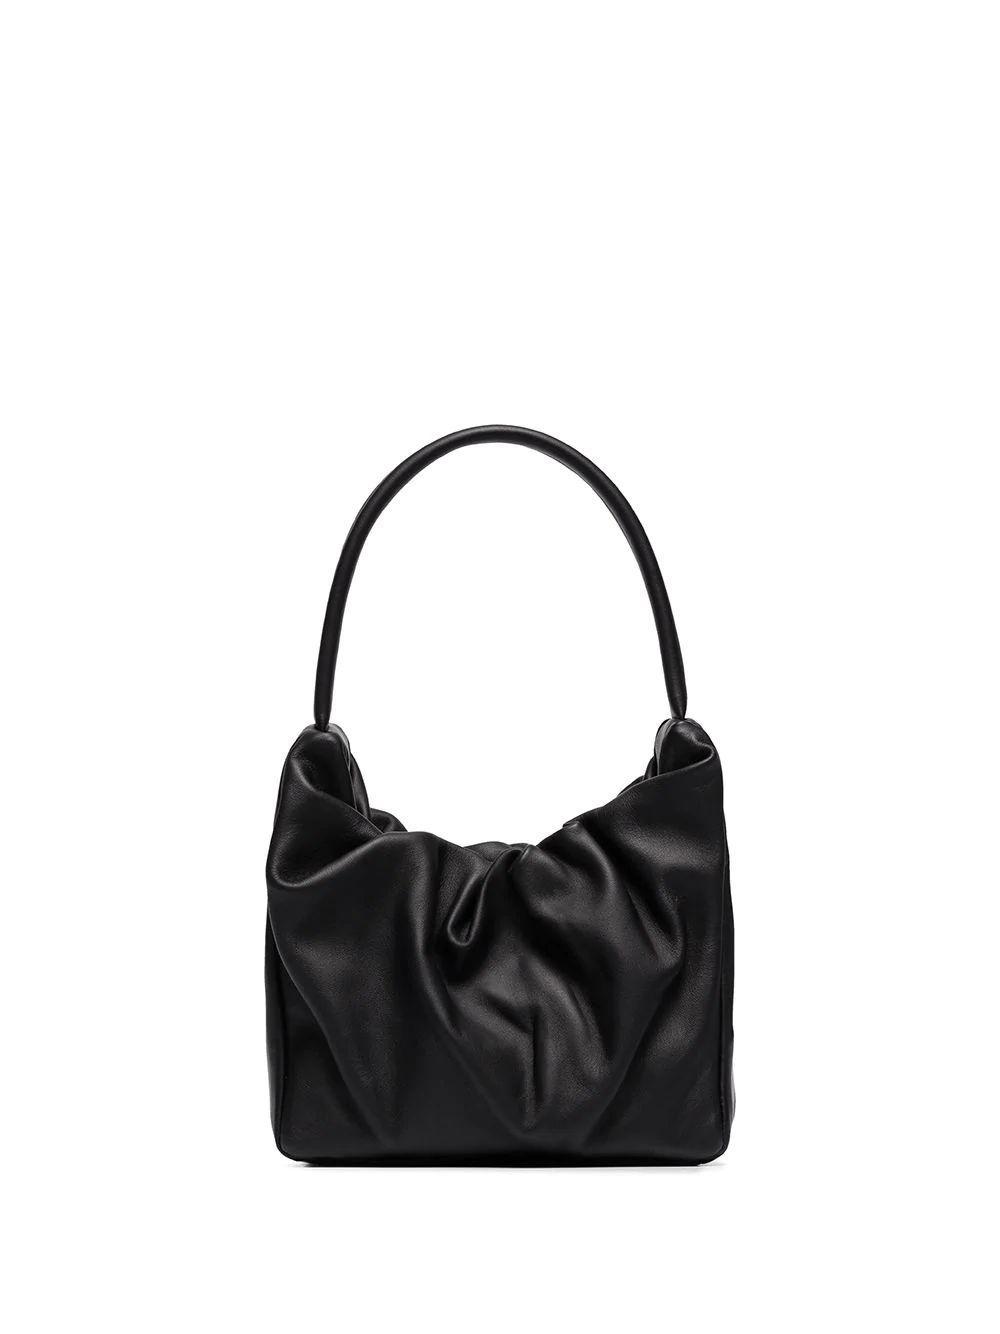 Felix Rouched Bag Item # 207-9217-BLK